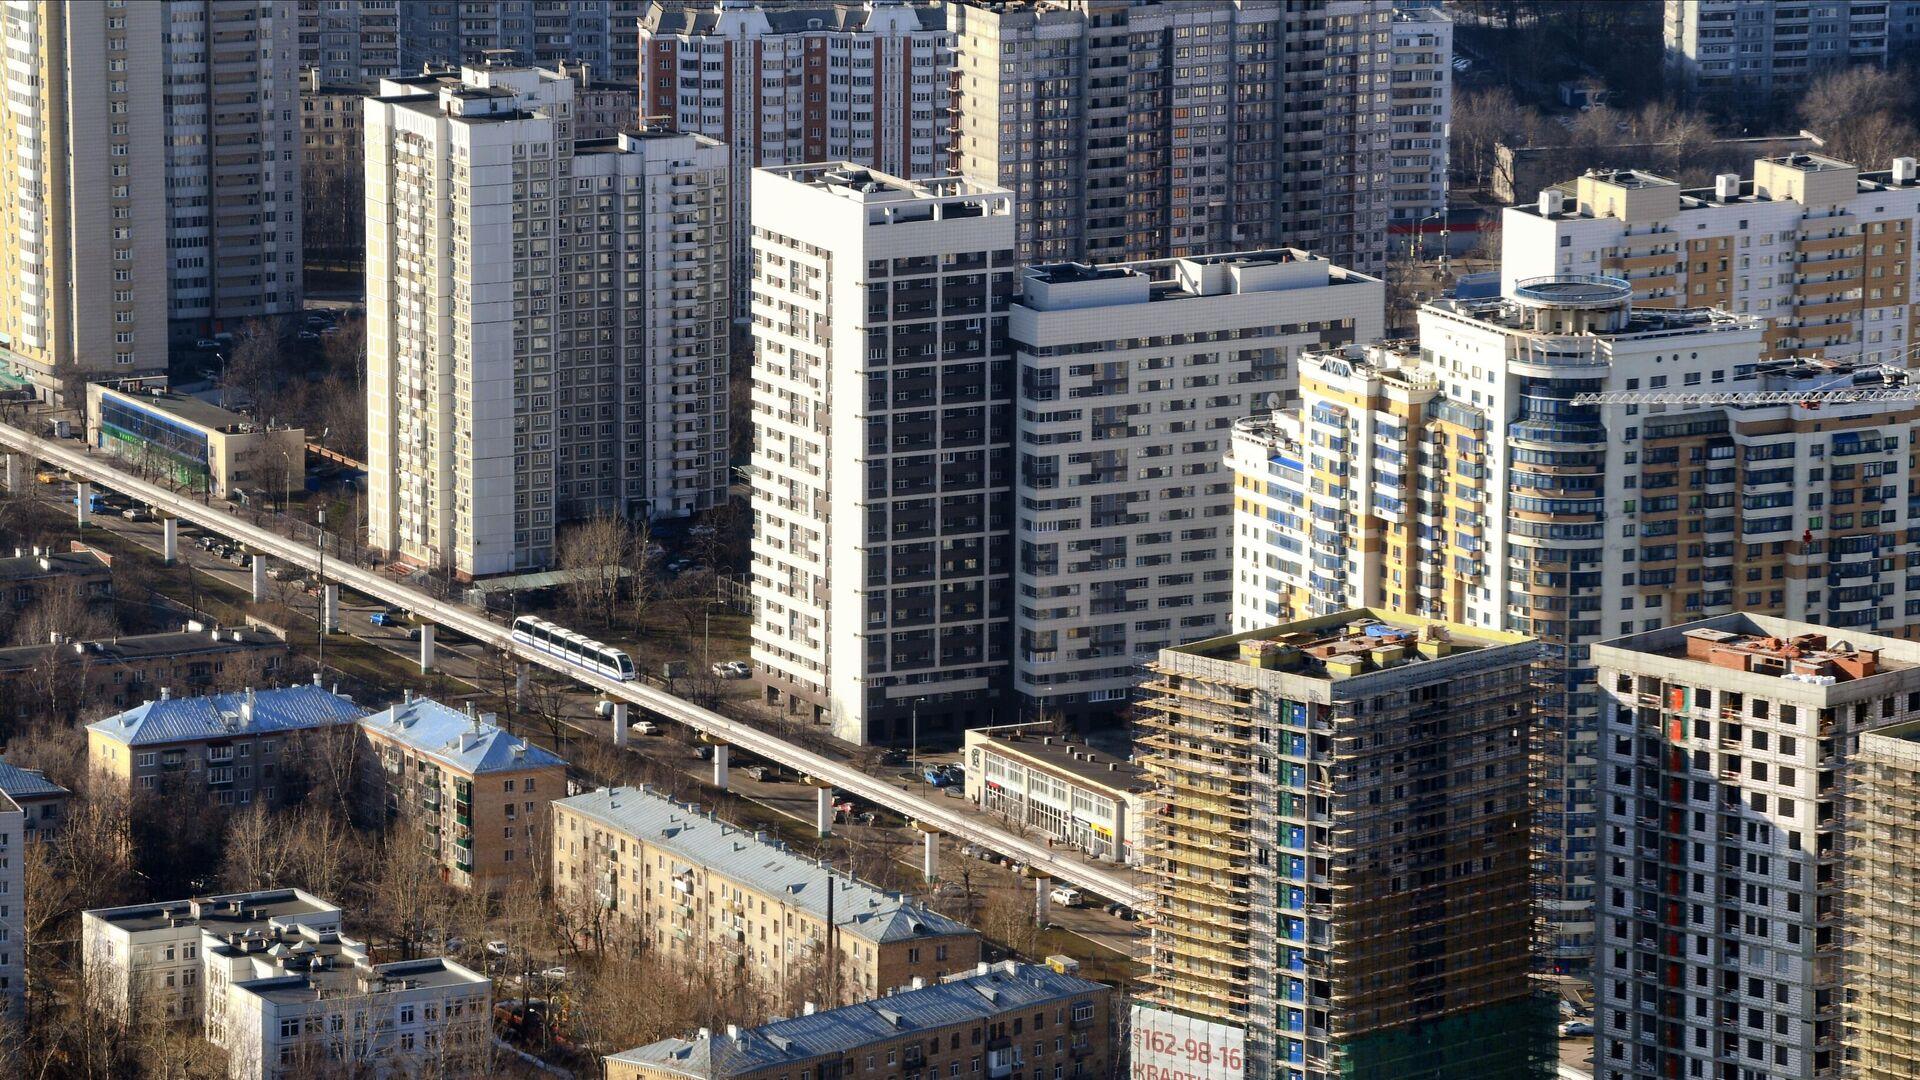 Жилые дома в Москве  - РИА Новости, 1920, 25.01.2021